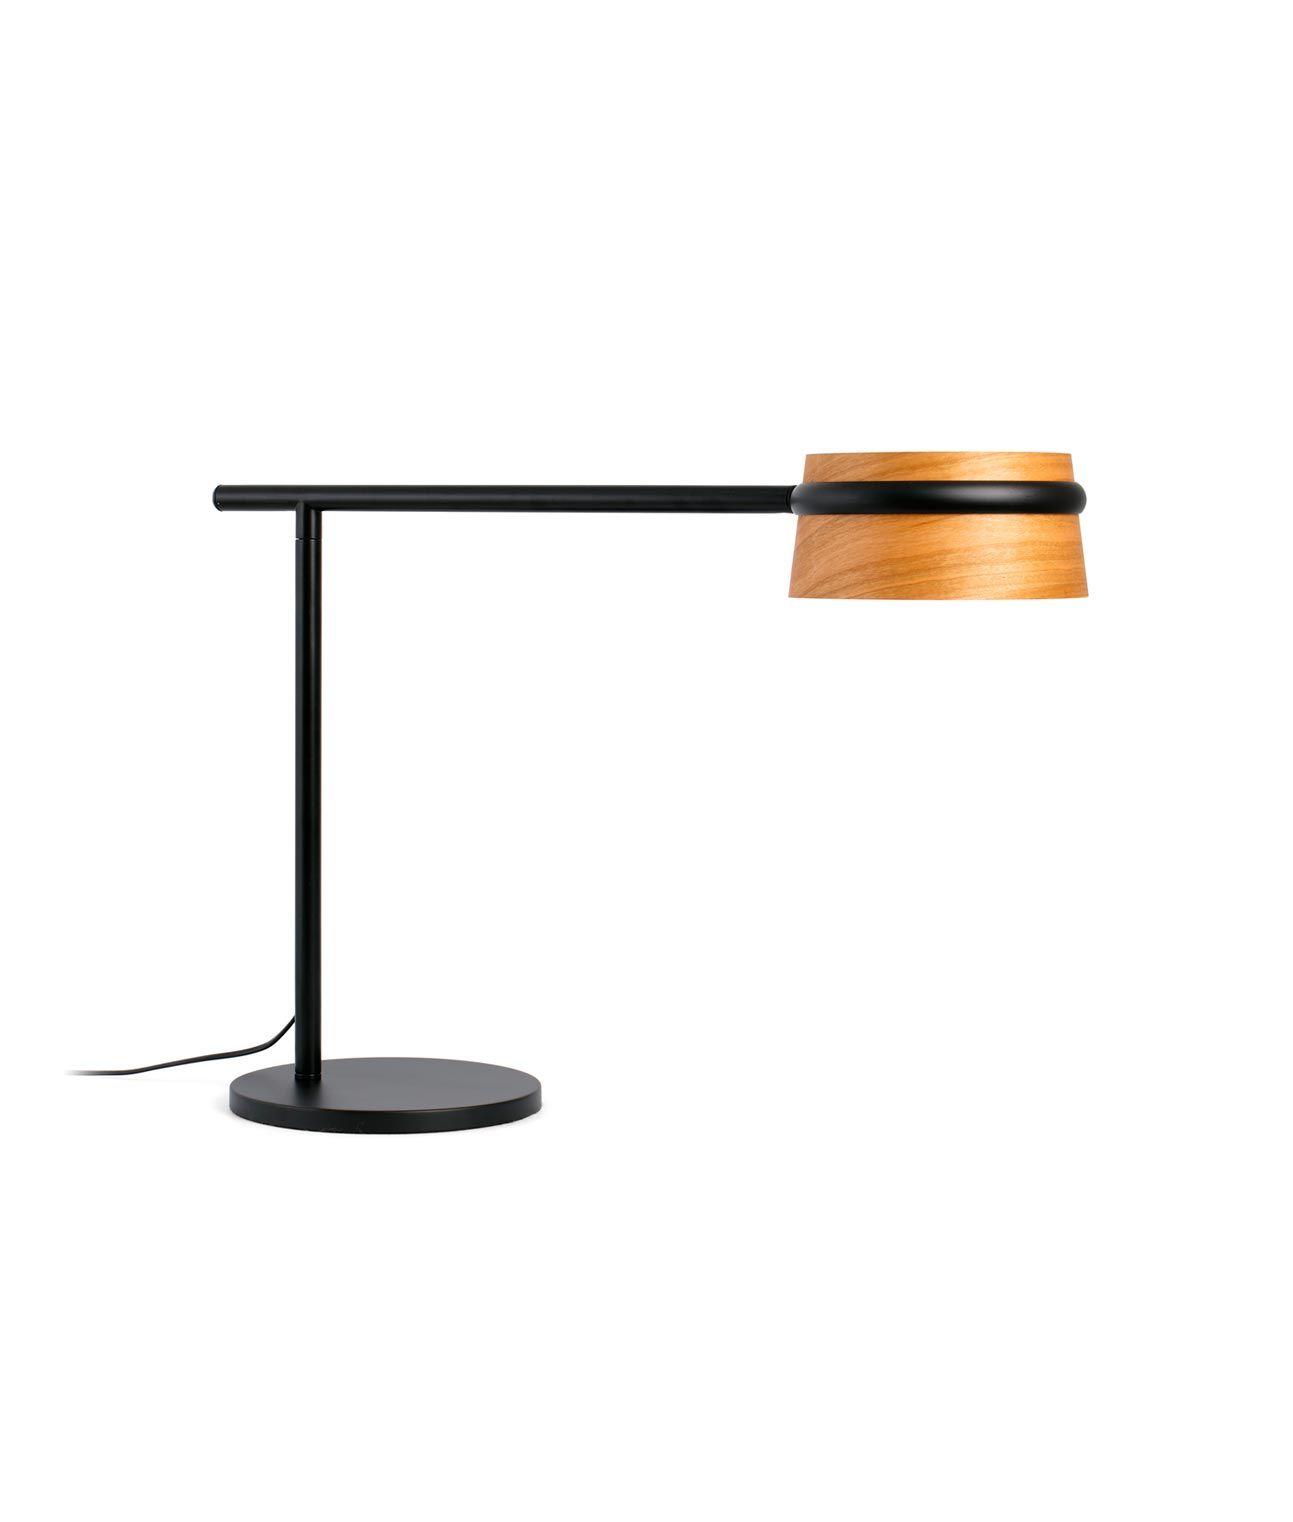 L mpara mesa negra y madera loop led la casa de la l mpara for Lampara de mesa led